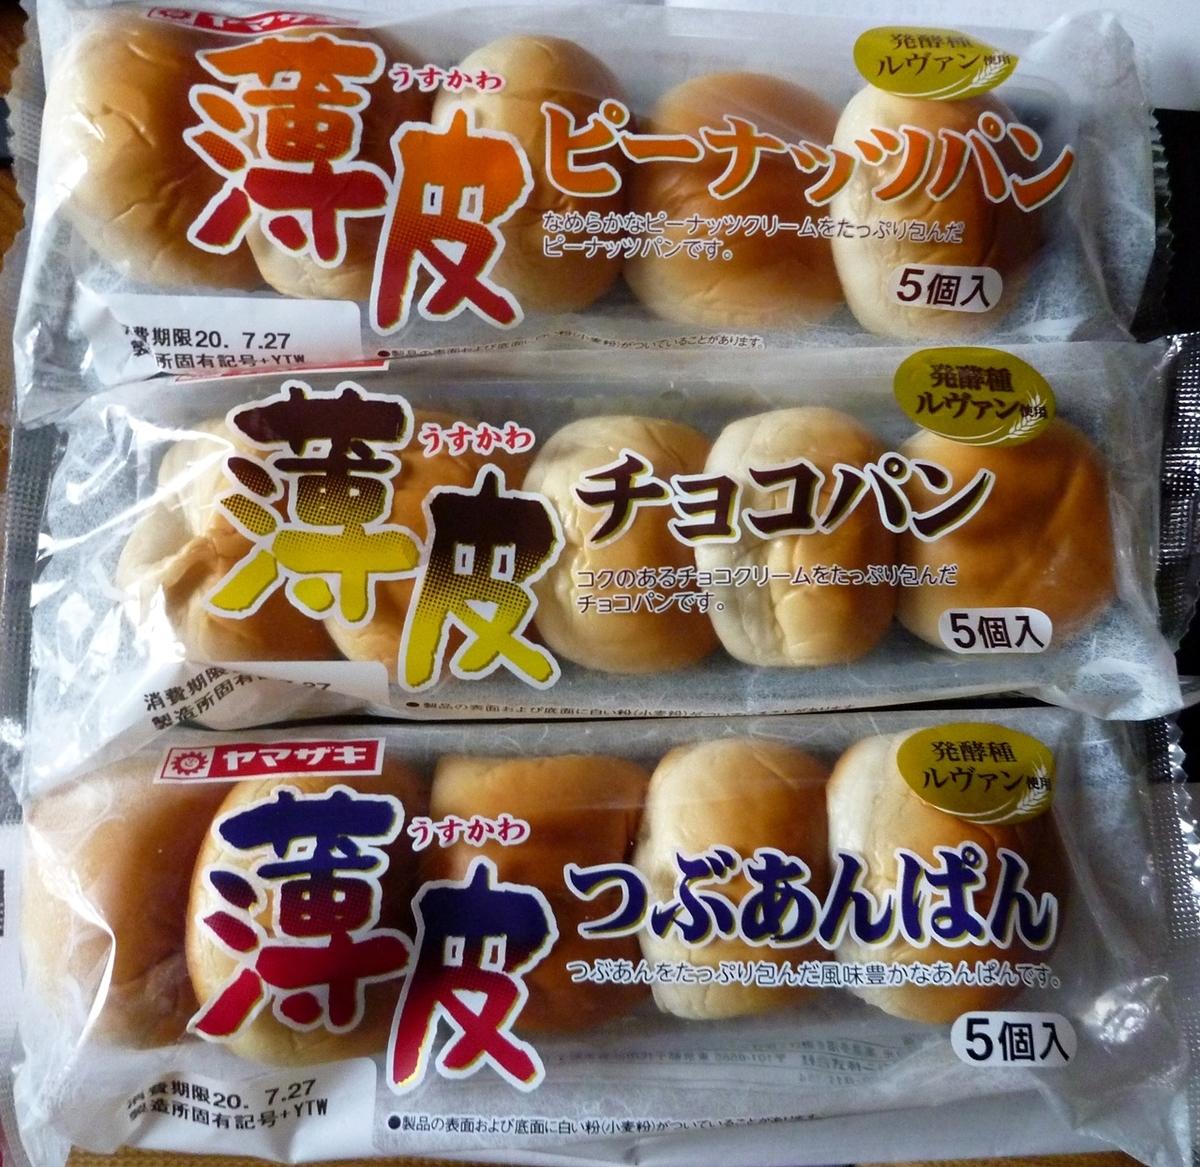 ヤマザキの薄皮パン